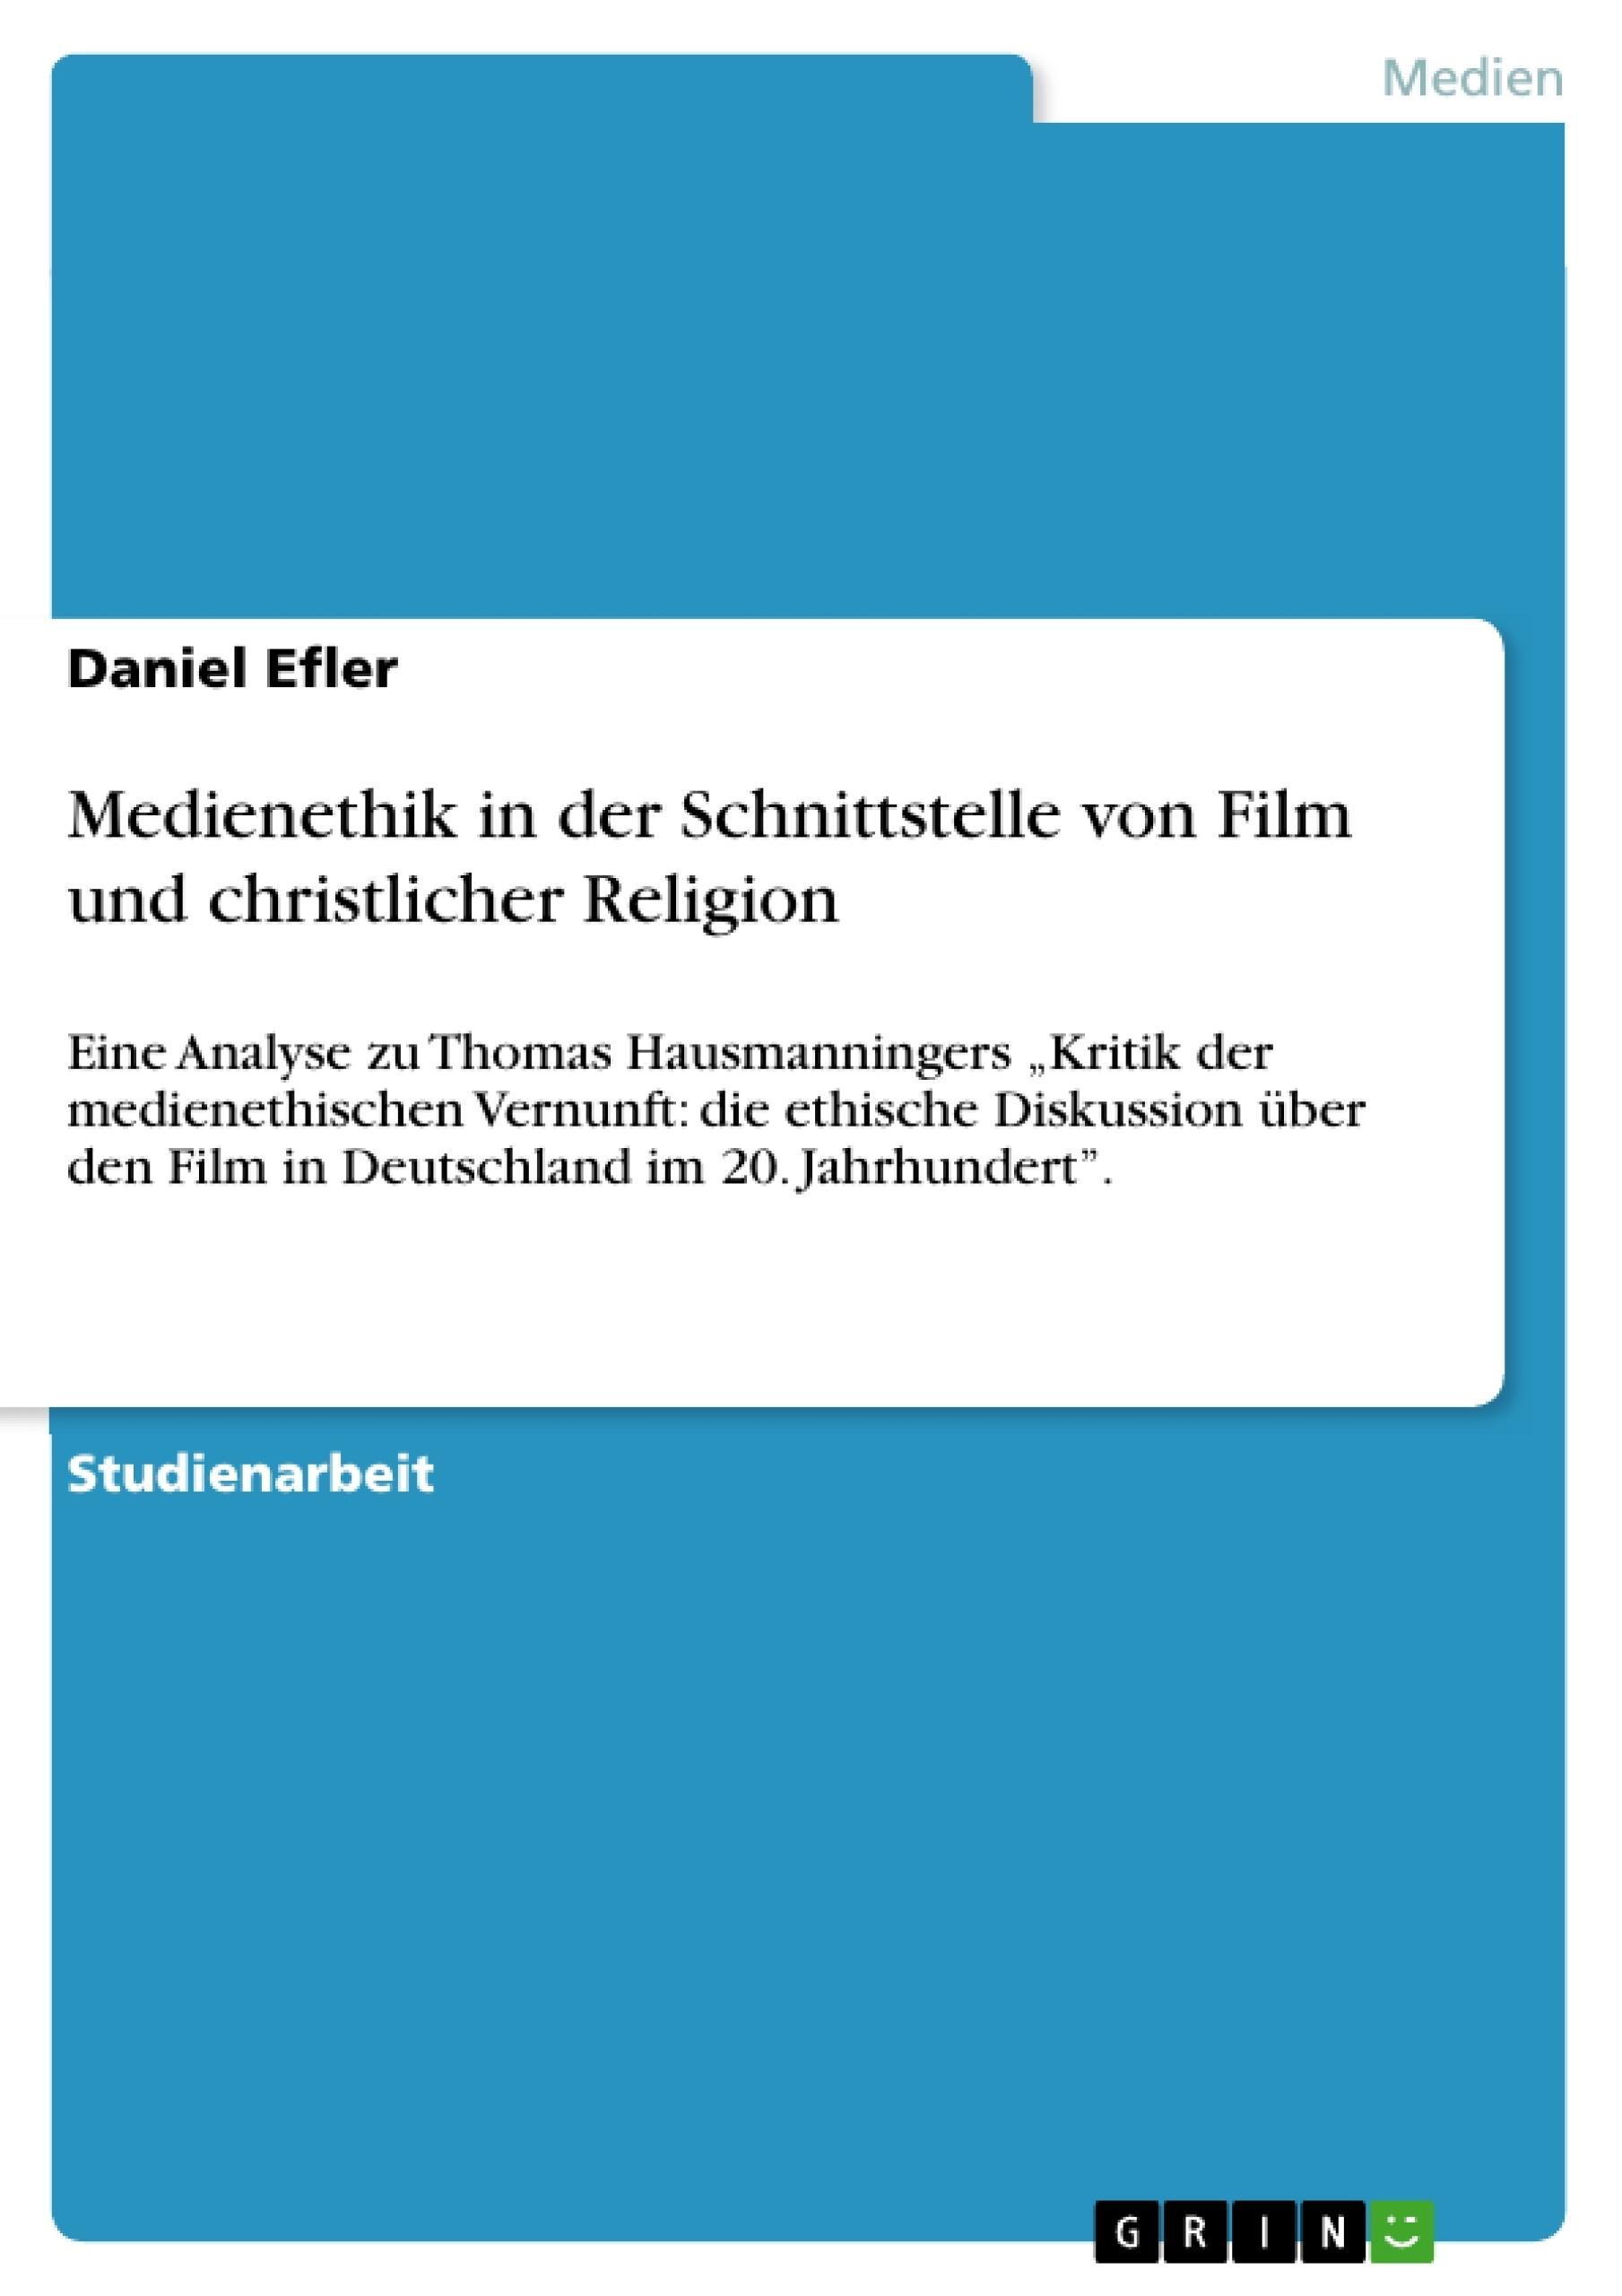 Titel: Medienethik in der Schnittstelle von Film und christlicher Religion